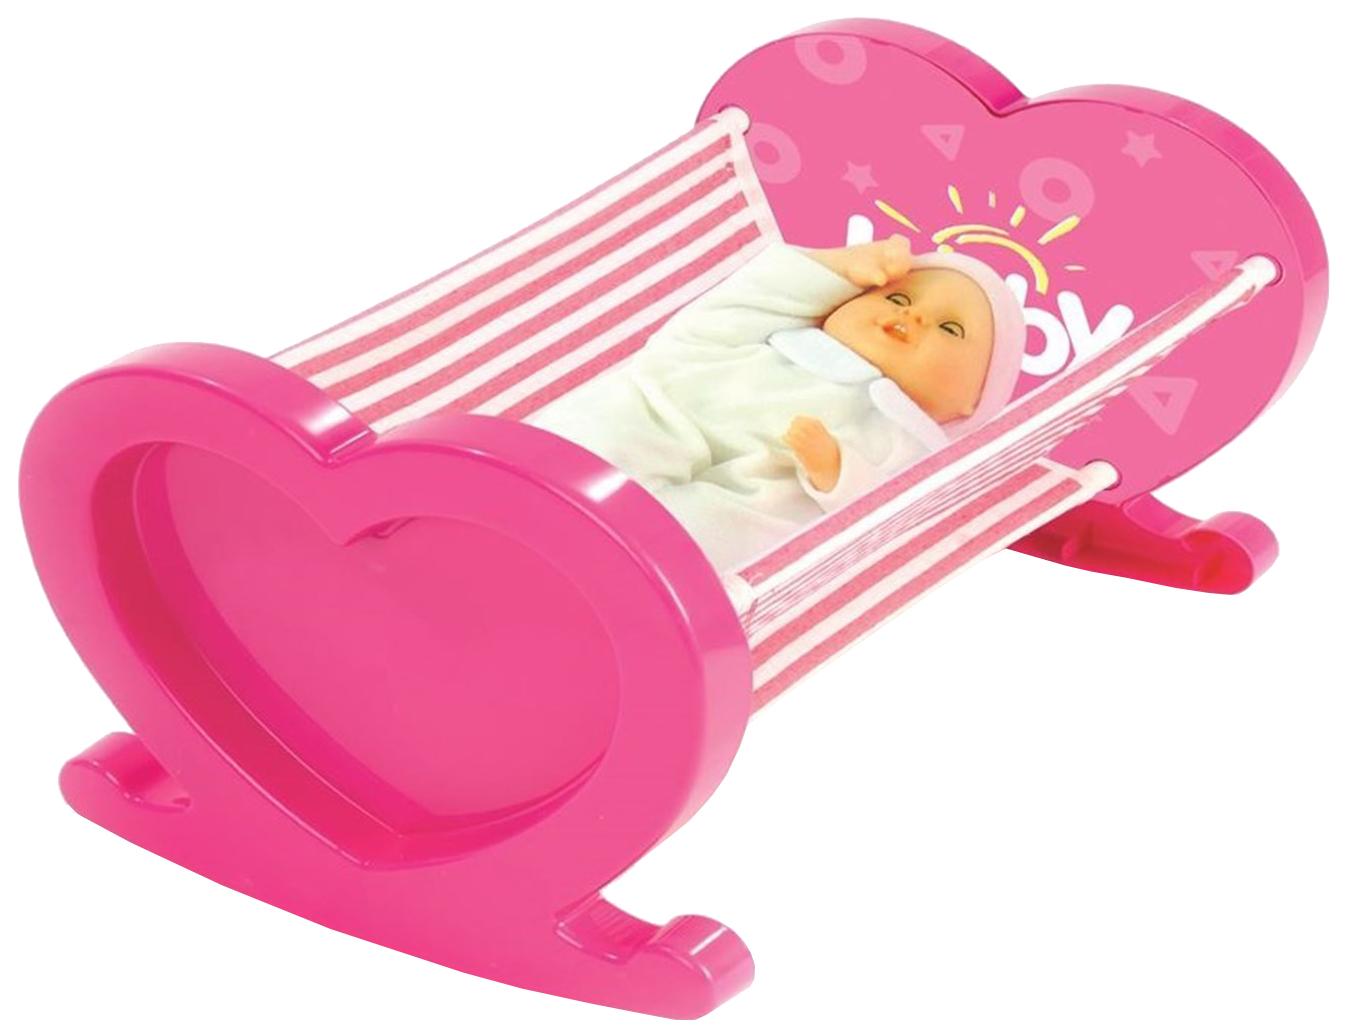 Купить Игровой набор Dolu Малышка в люльке DL_6049, Игровые наборы